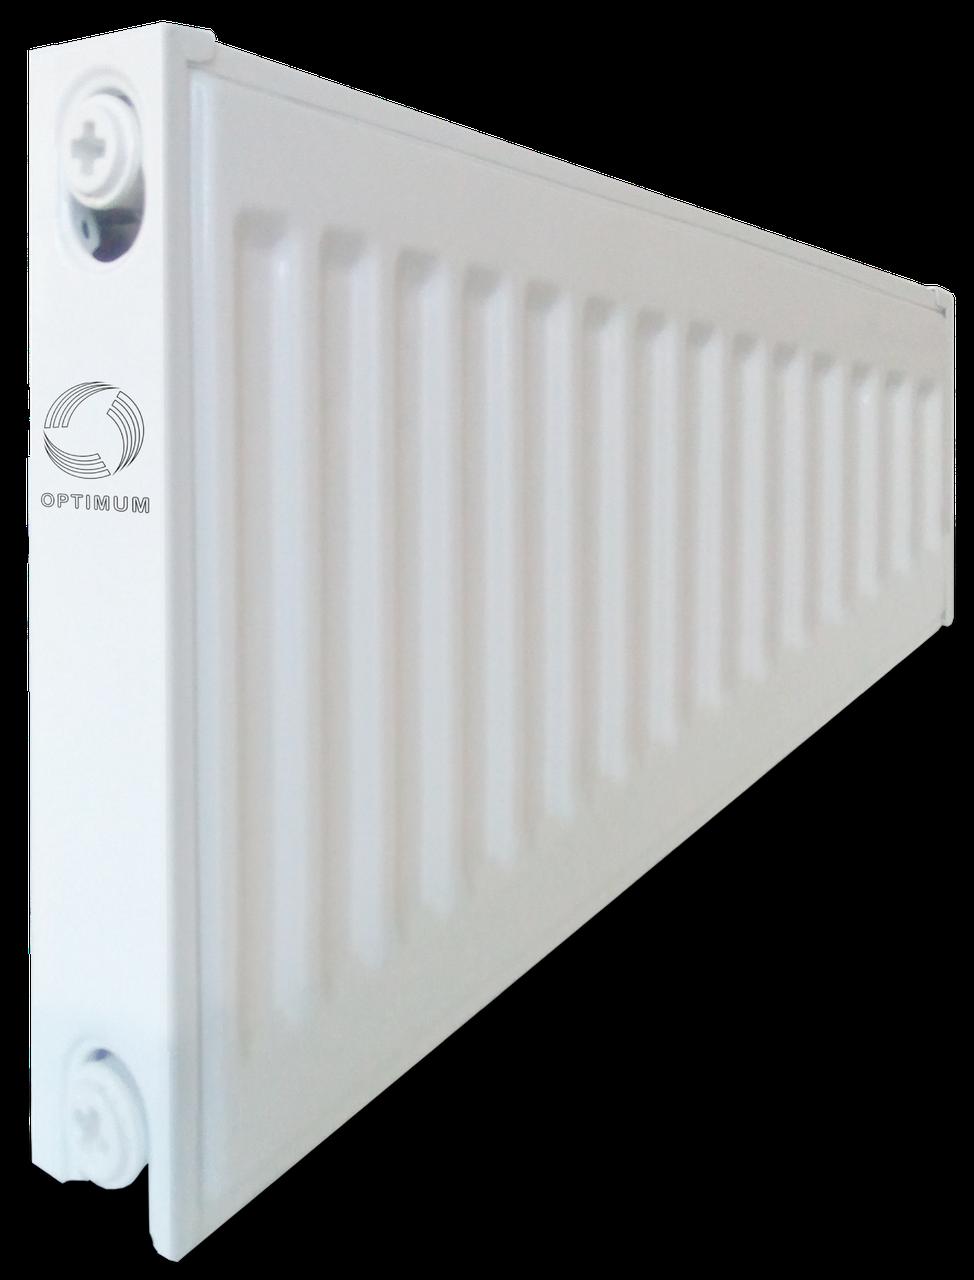 Радиатор стальной панельный OPTIMUM 11 низ 300х2500